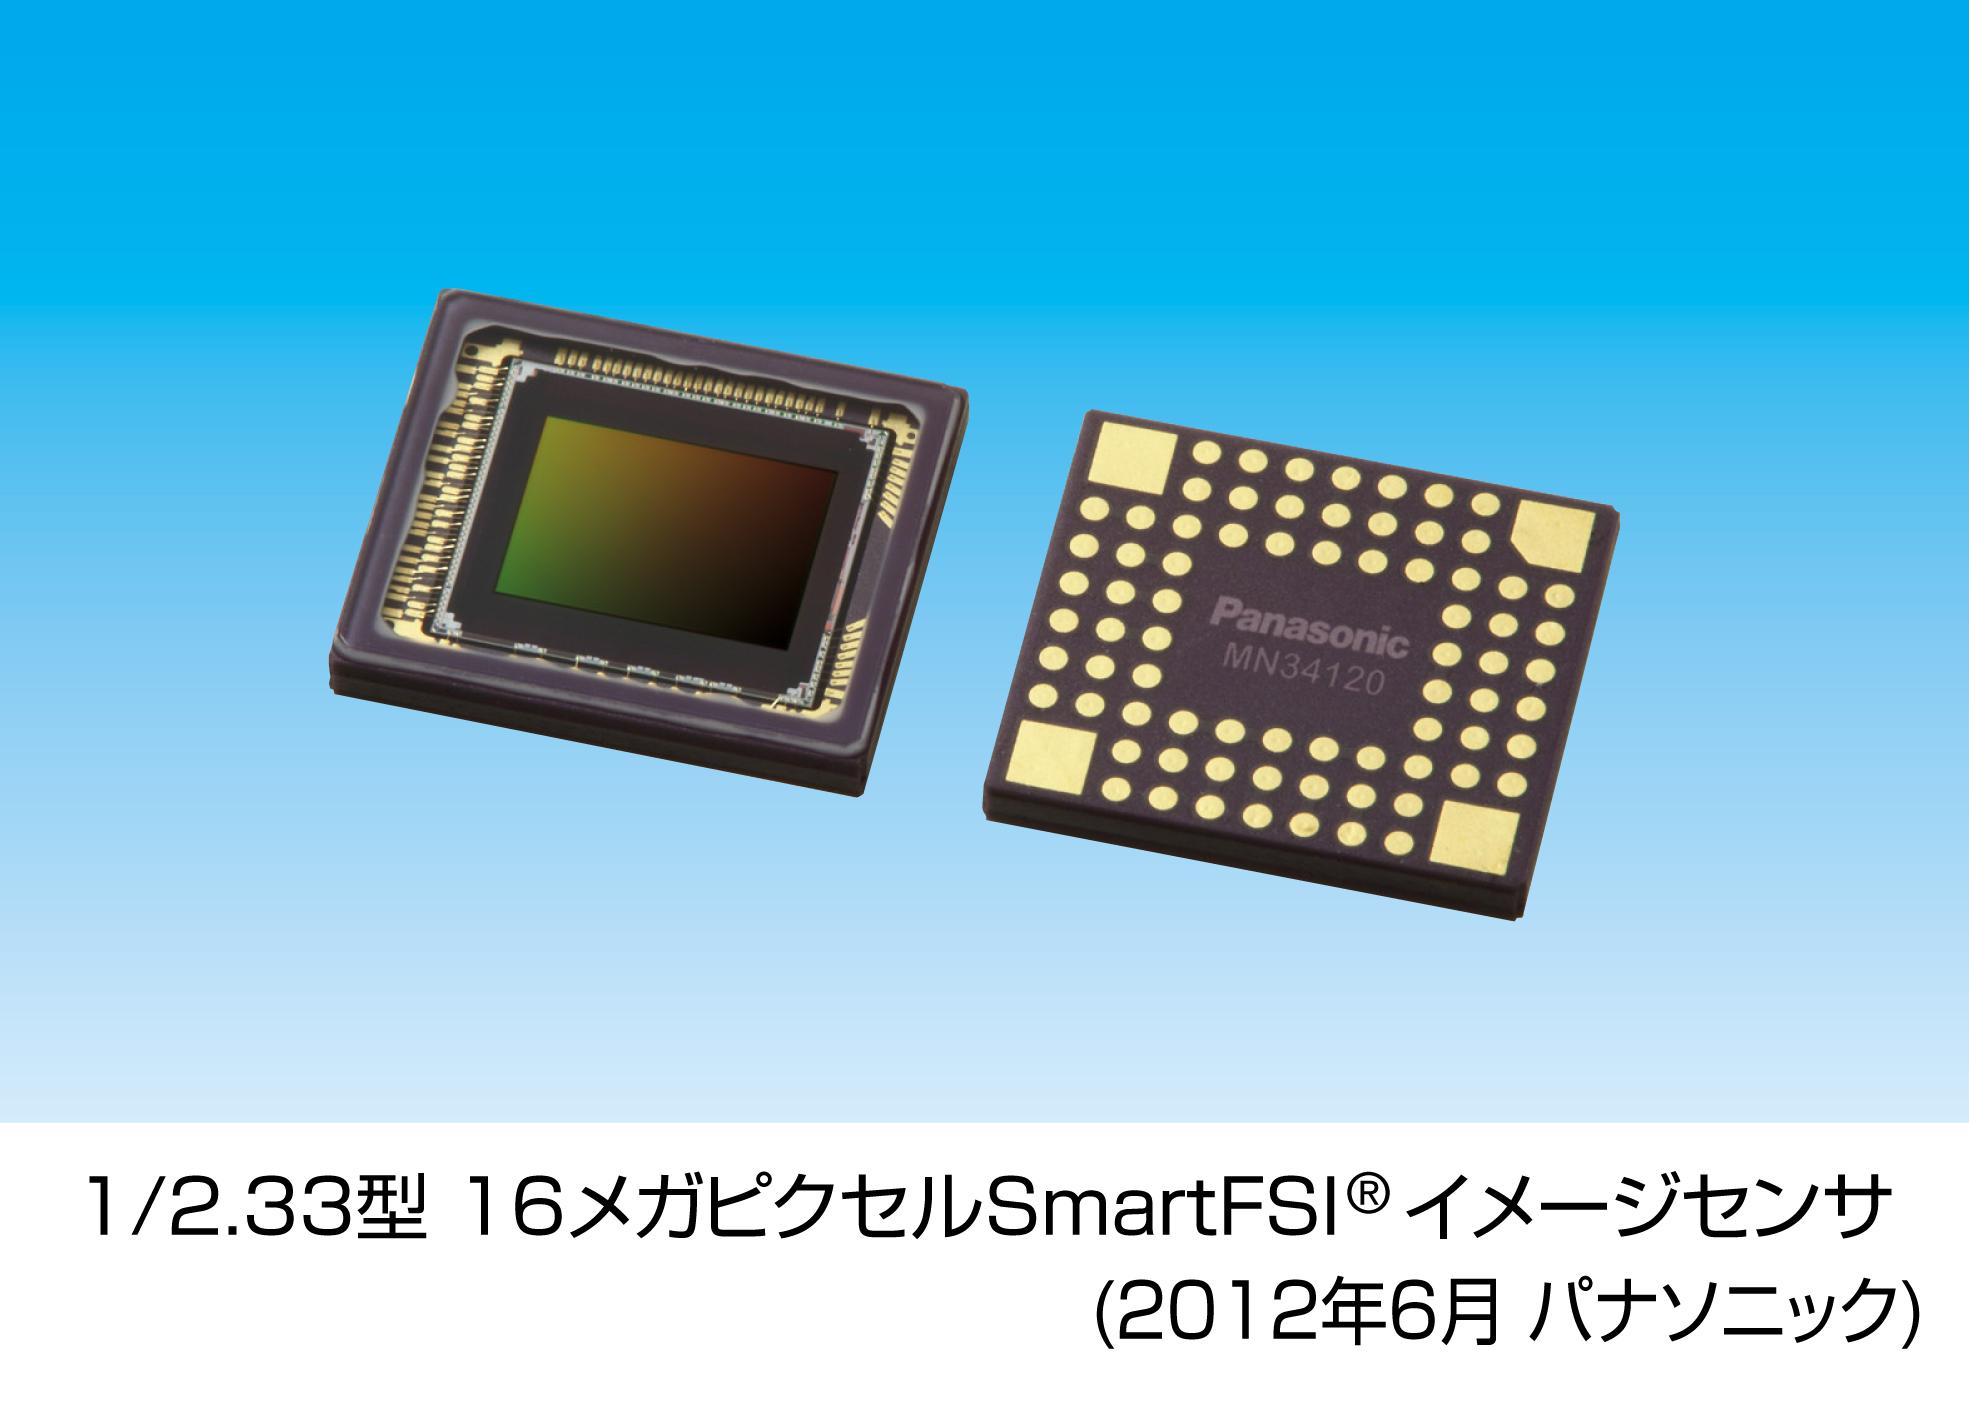 1/2.33型 16メガピクセルSmartFSIイメージセンサ